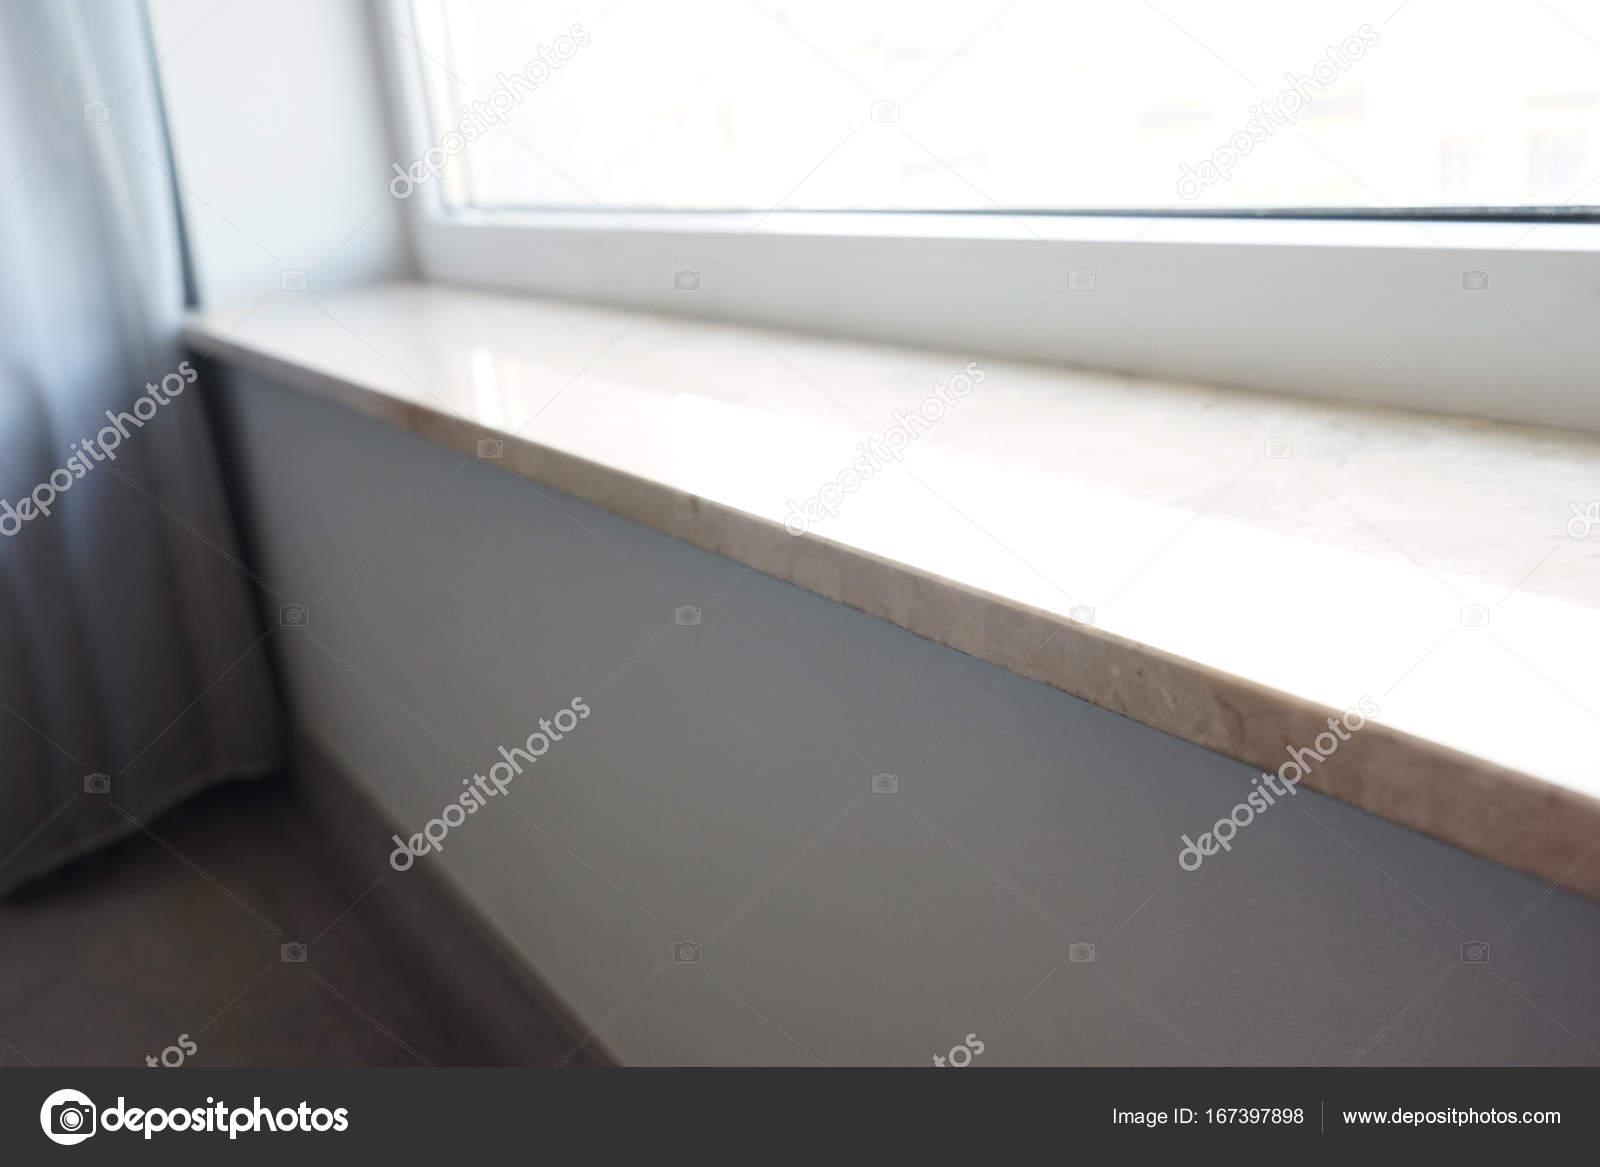 Davanzale della finestra moderni in camera primi piani foto stock belchonock 167397898 - Davanzale finestra interno ...